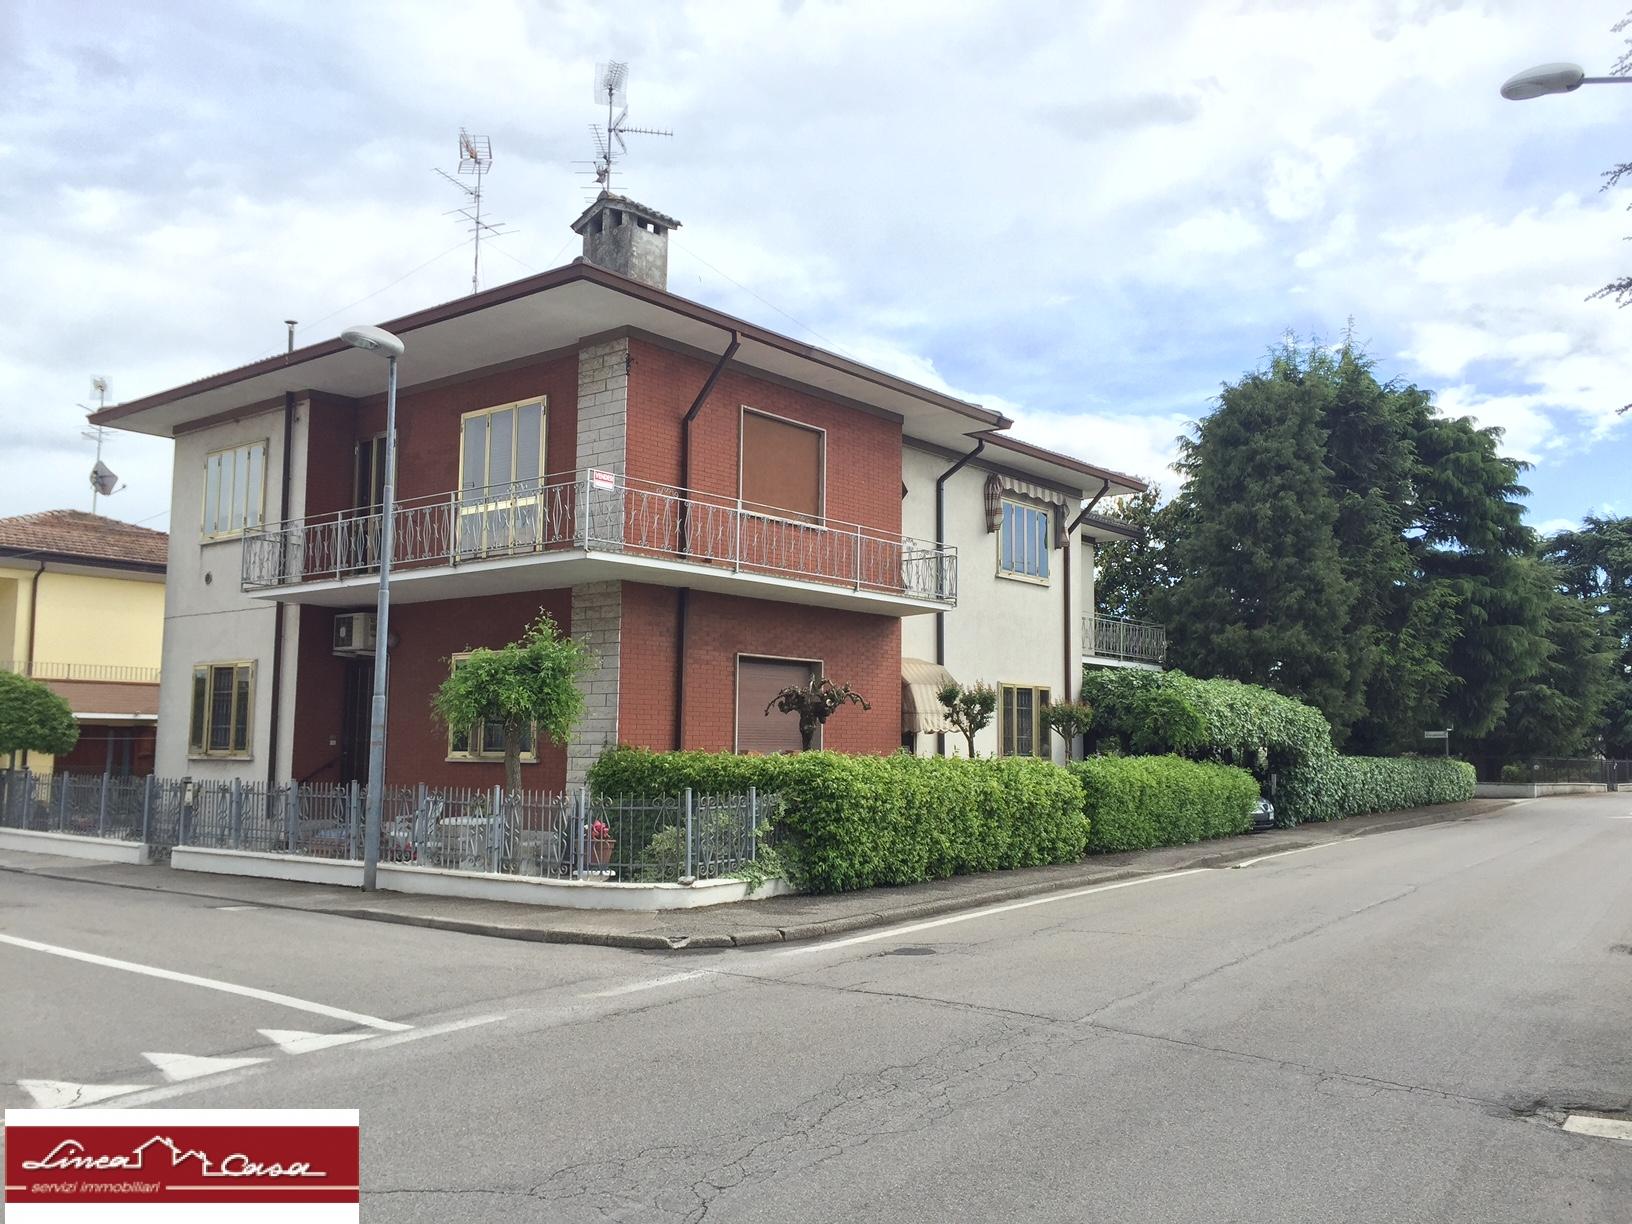 Appartamento in vendita a Masi Torello, 6 locali, prezzo € 125.000 | CambioCasa.it